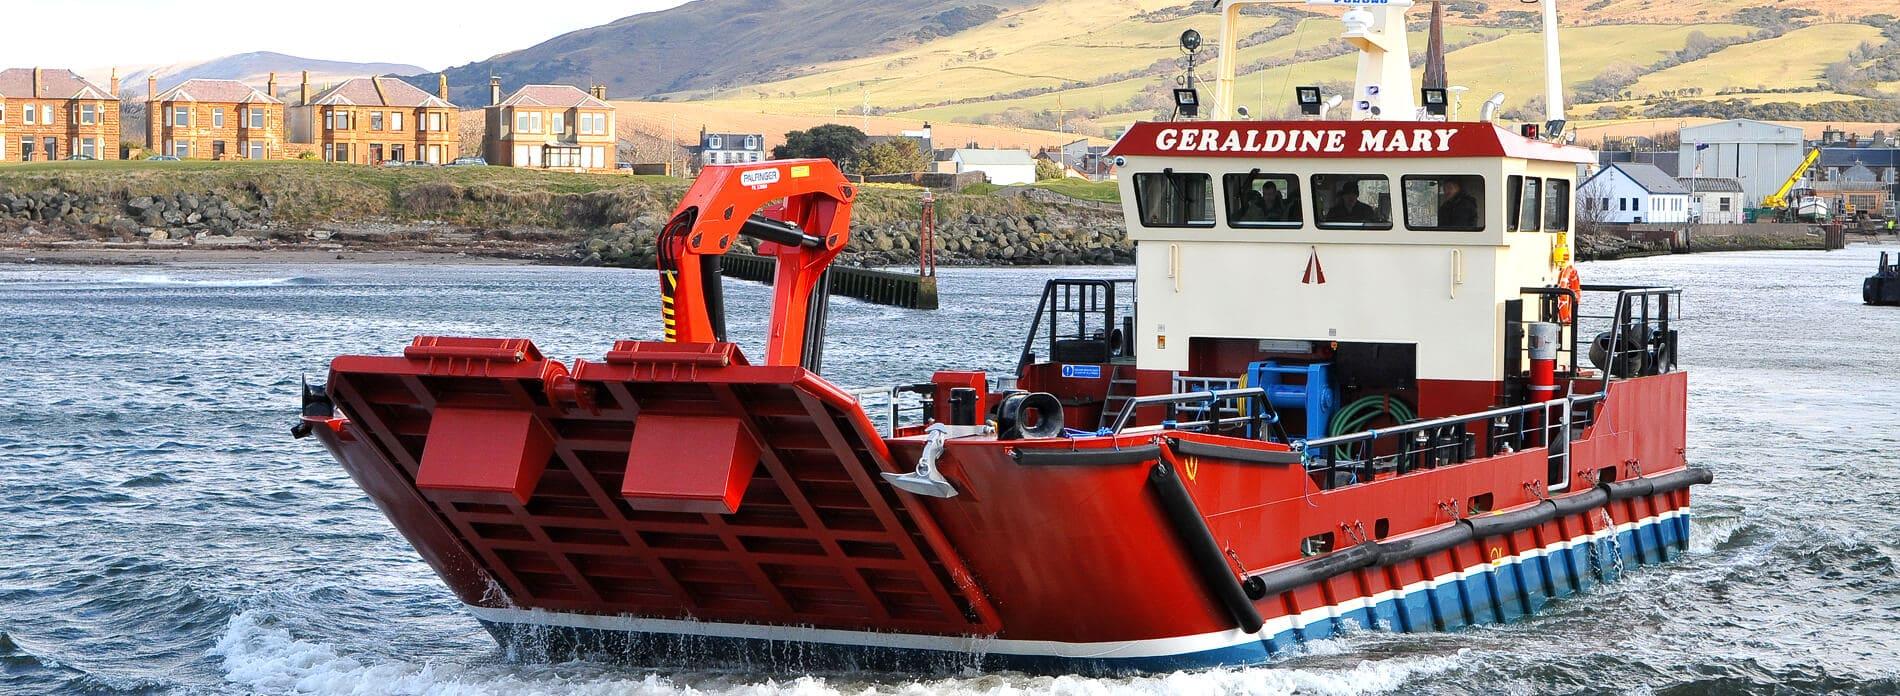 geraldine-mary-banner